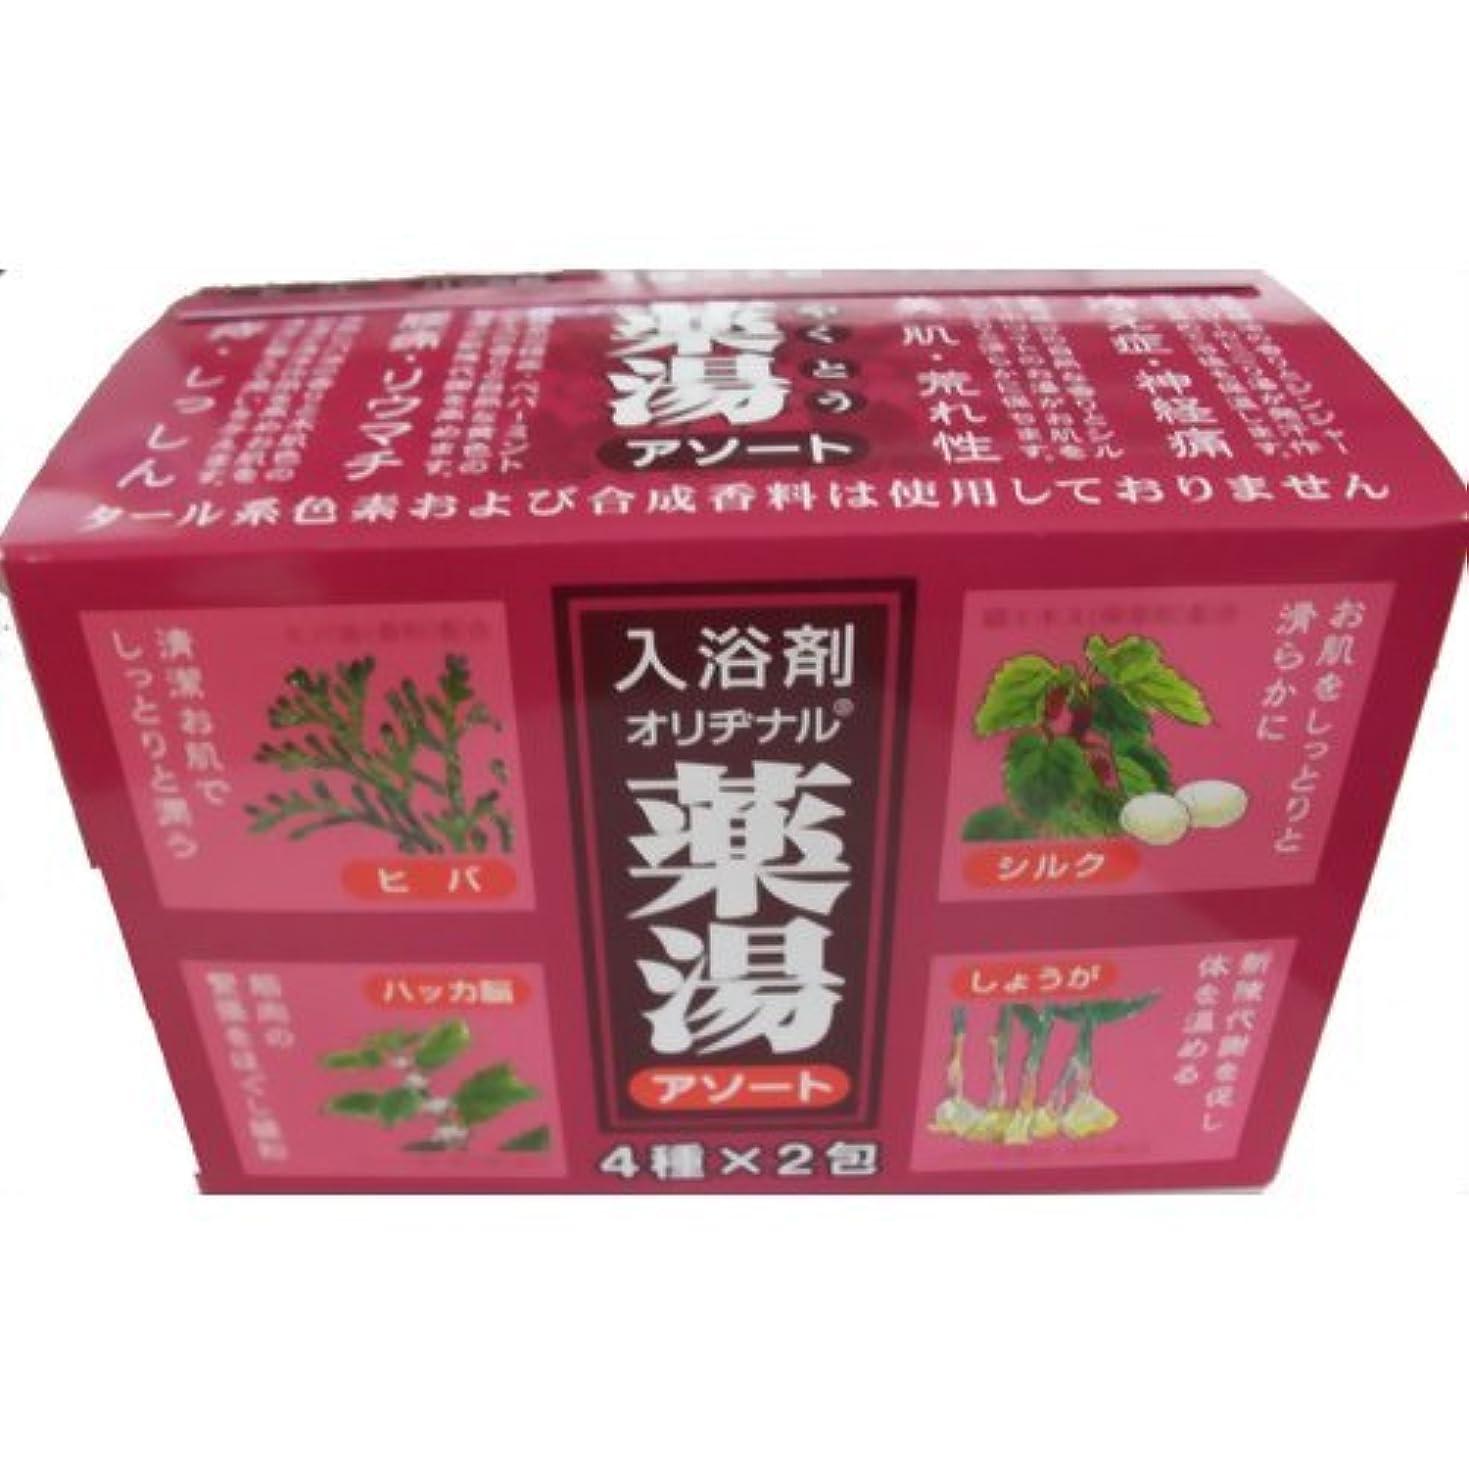 慣性例変形する薬湯分包アソート 4種 8包入